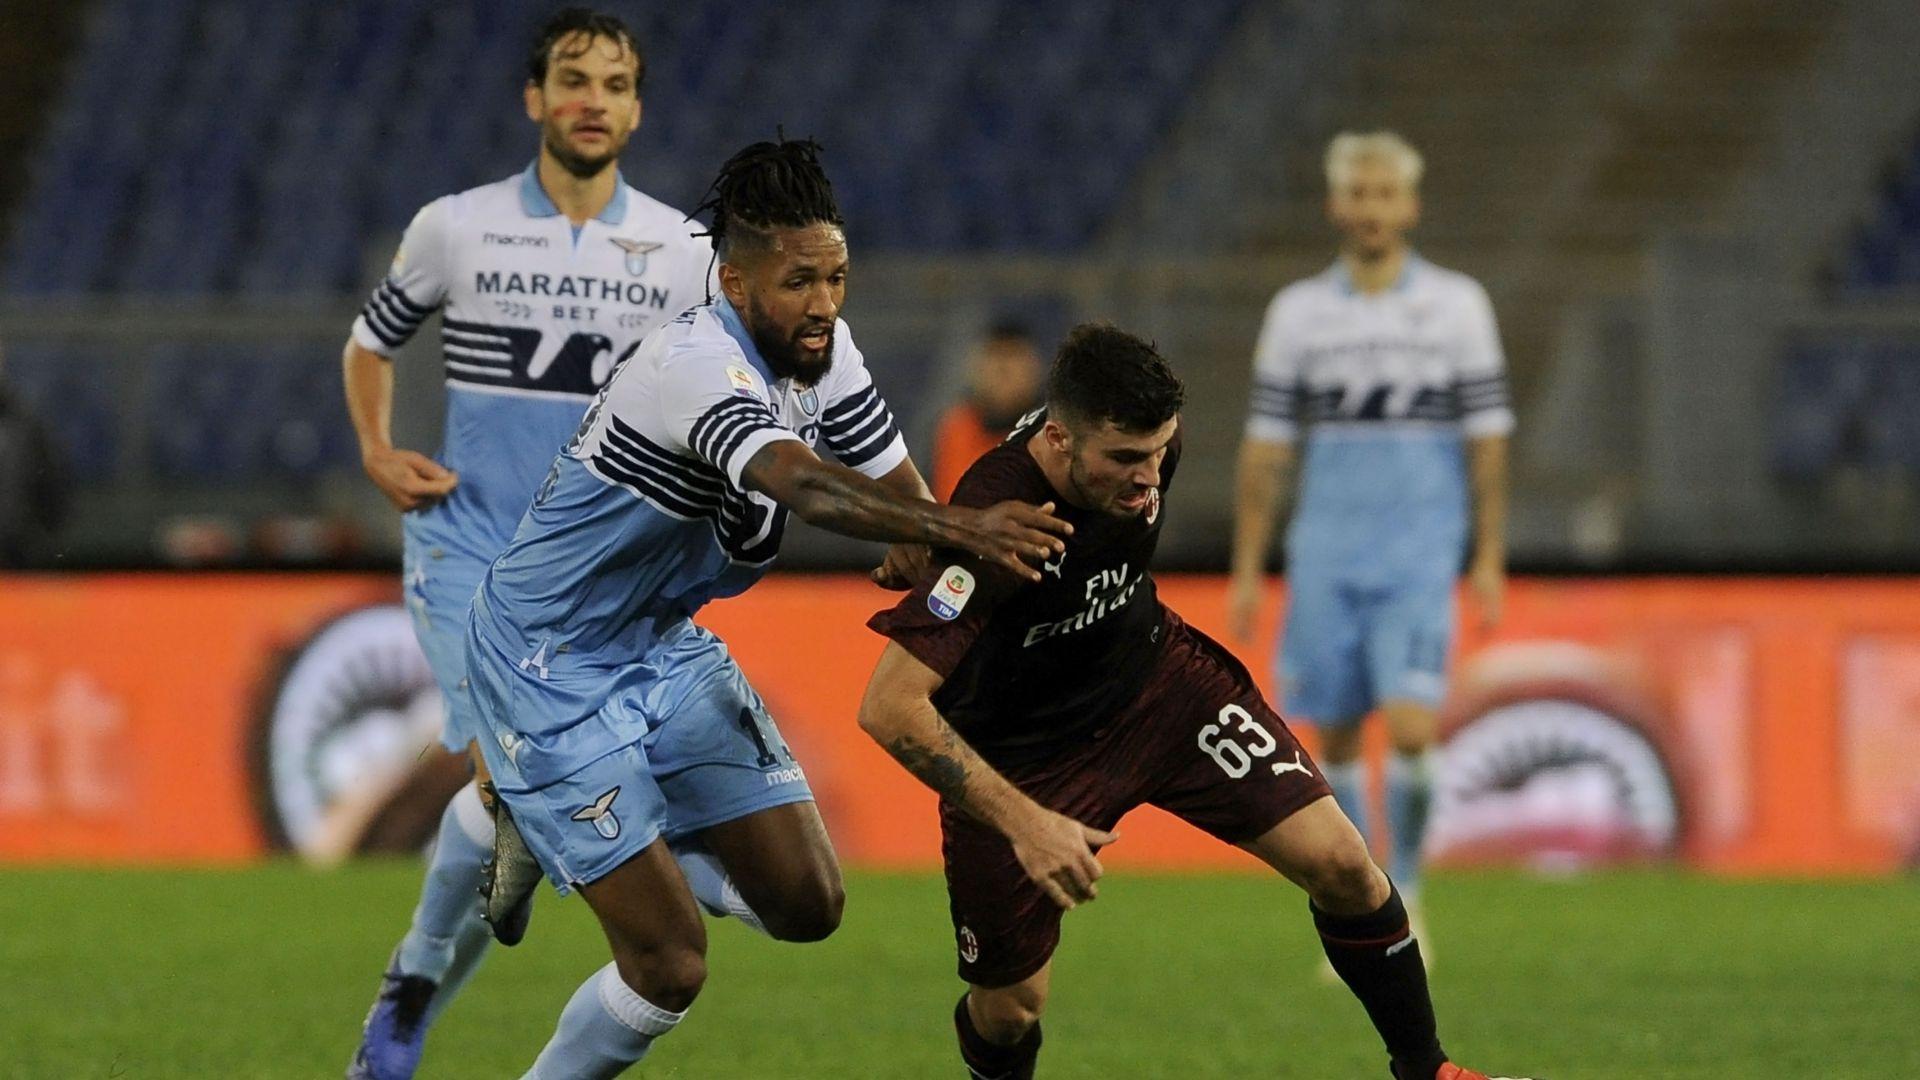 Fiorentina-Atalanta, è un 3-3 spettacolare! Gasperini perde due calciatori per il ritorno